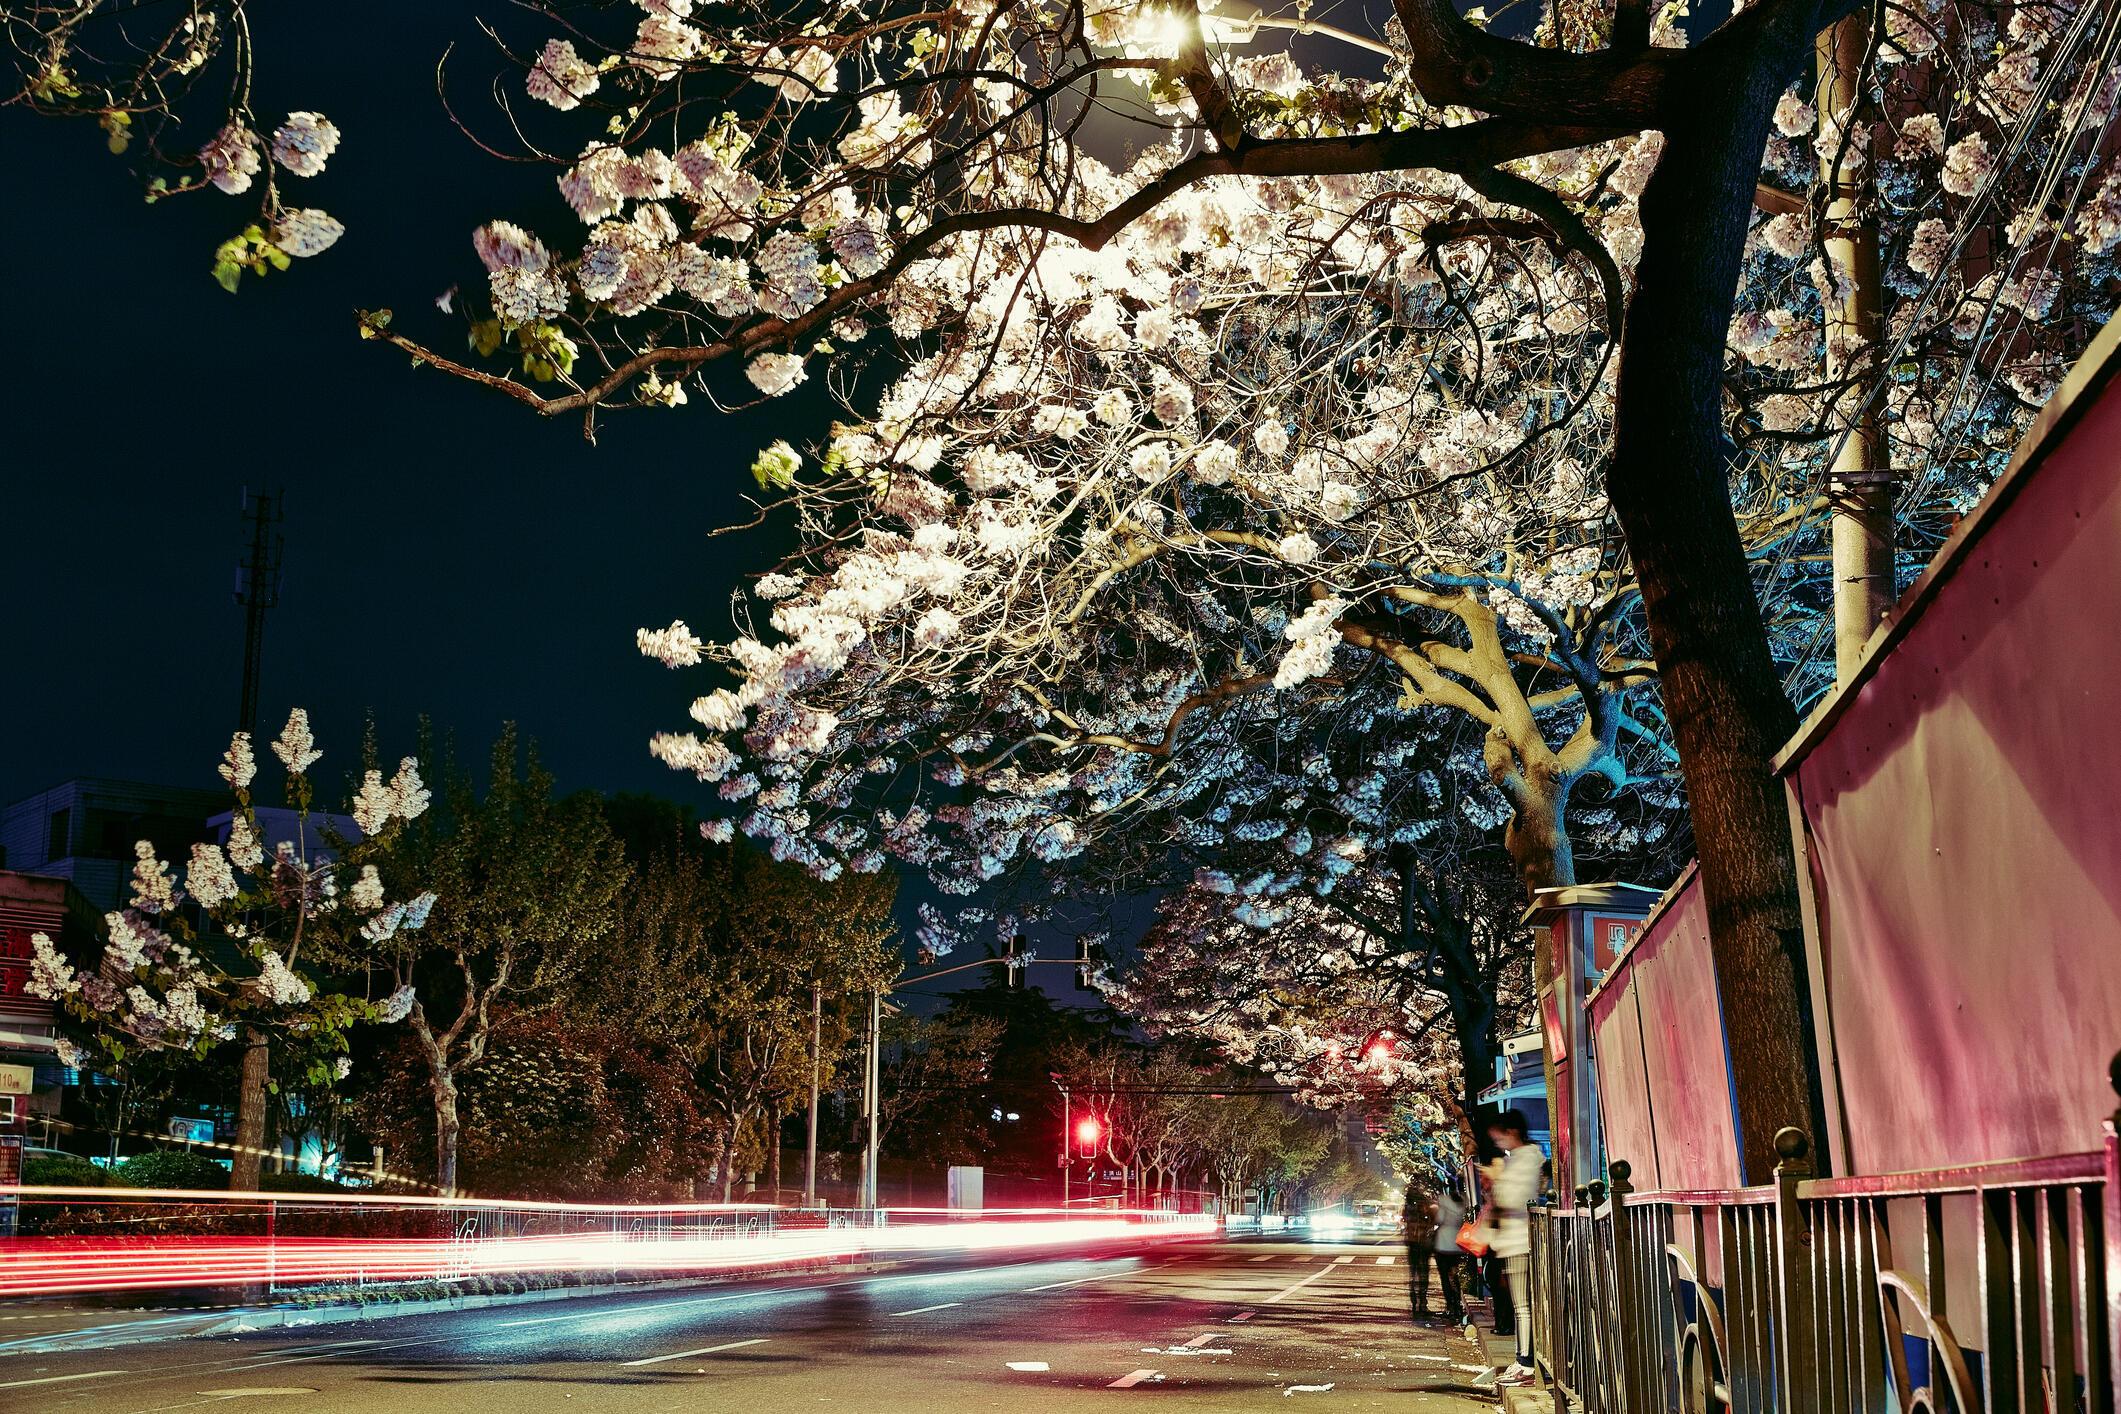 Le Paulownia est une importante espèce d'arbre à croissance rapide, largement répandue et appréciée par les populations.